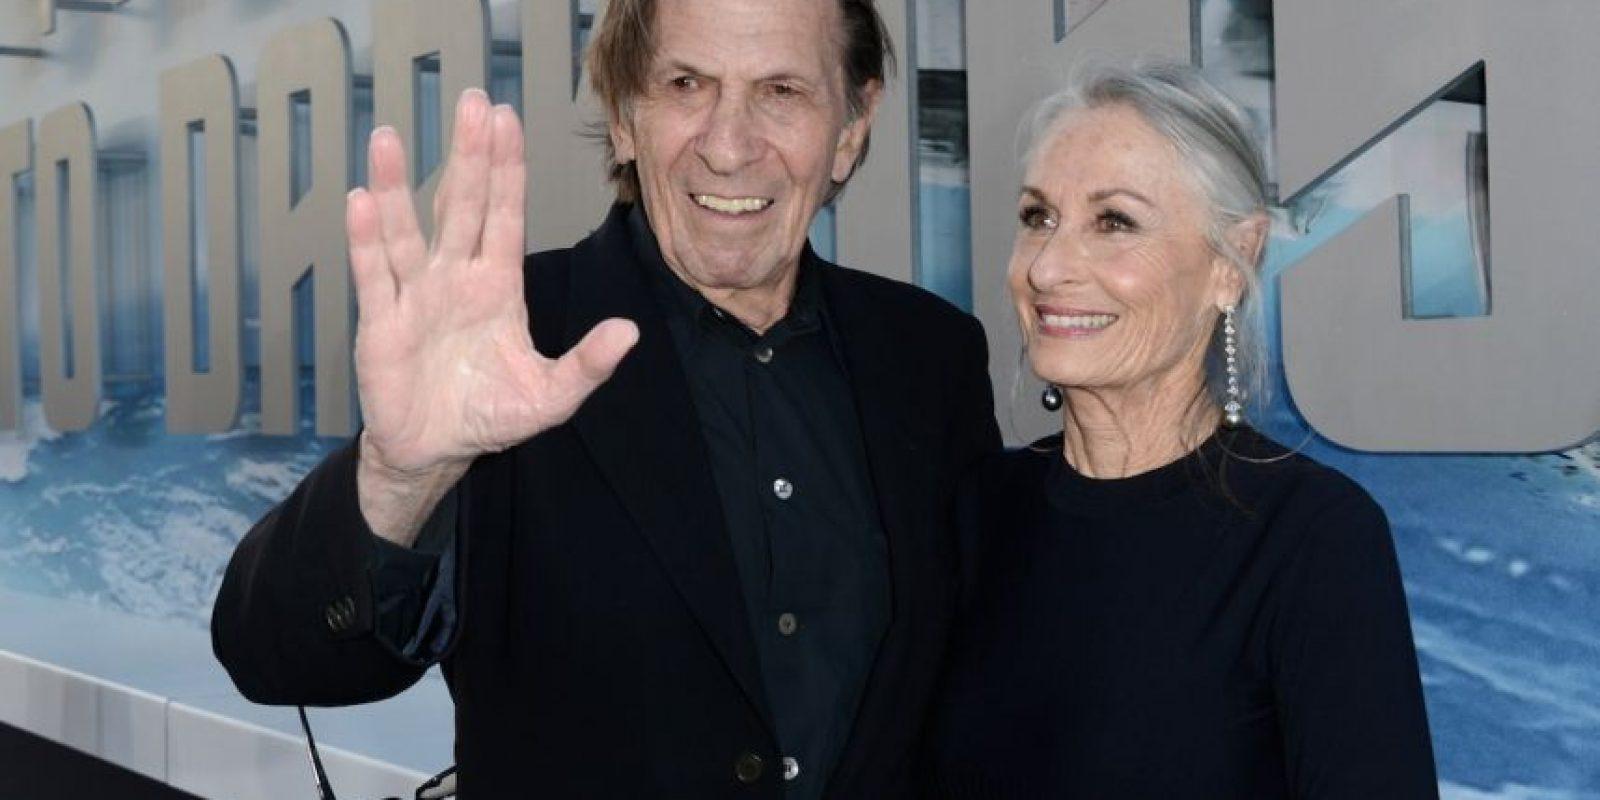 El actor falleció el pasado 27 de febrero, a la edad de 83 años. Foto:Getty Images